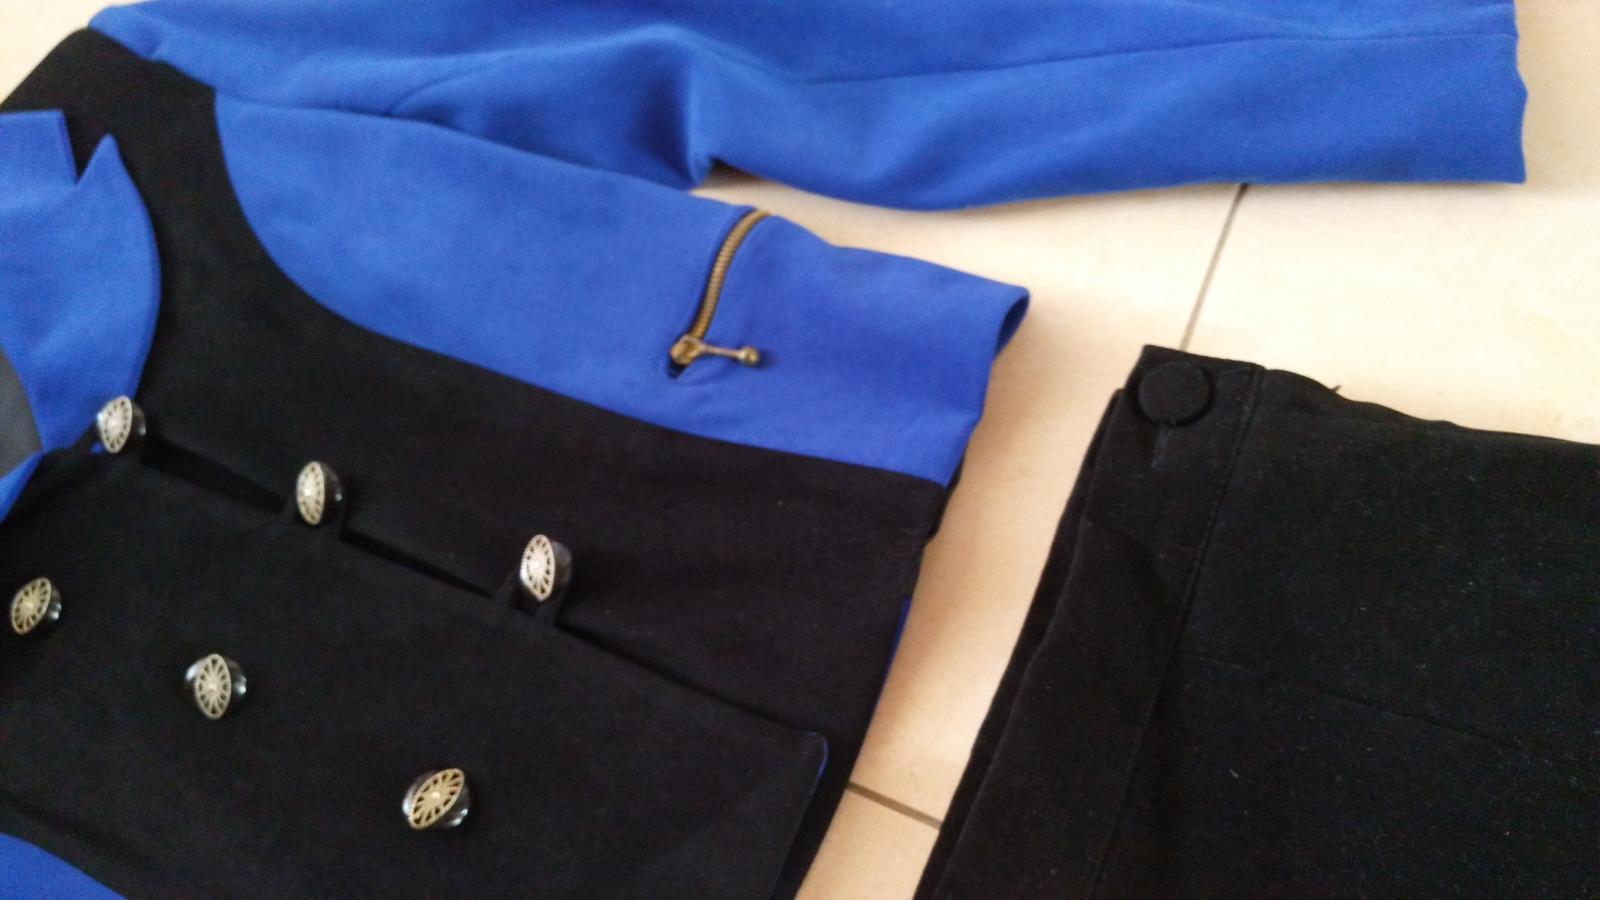 Čierno-modrý kostým sako + sukňa 38 (M) - Obrázok č. 2